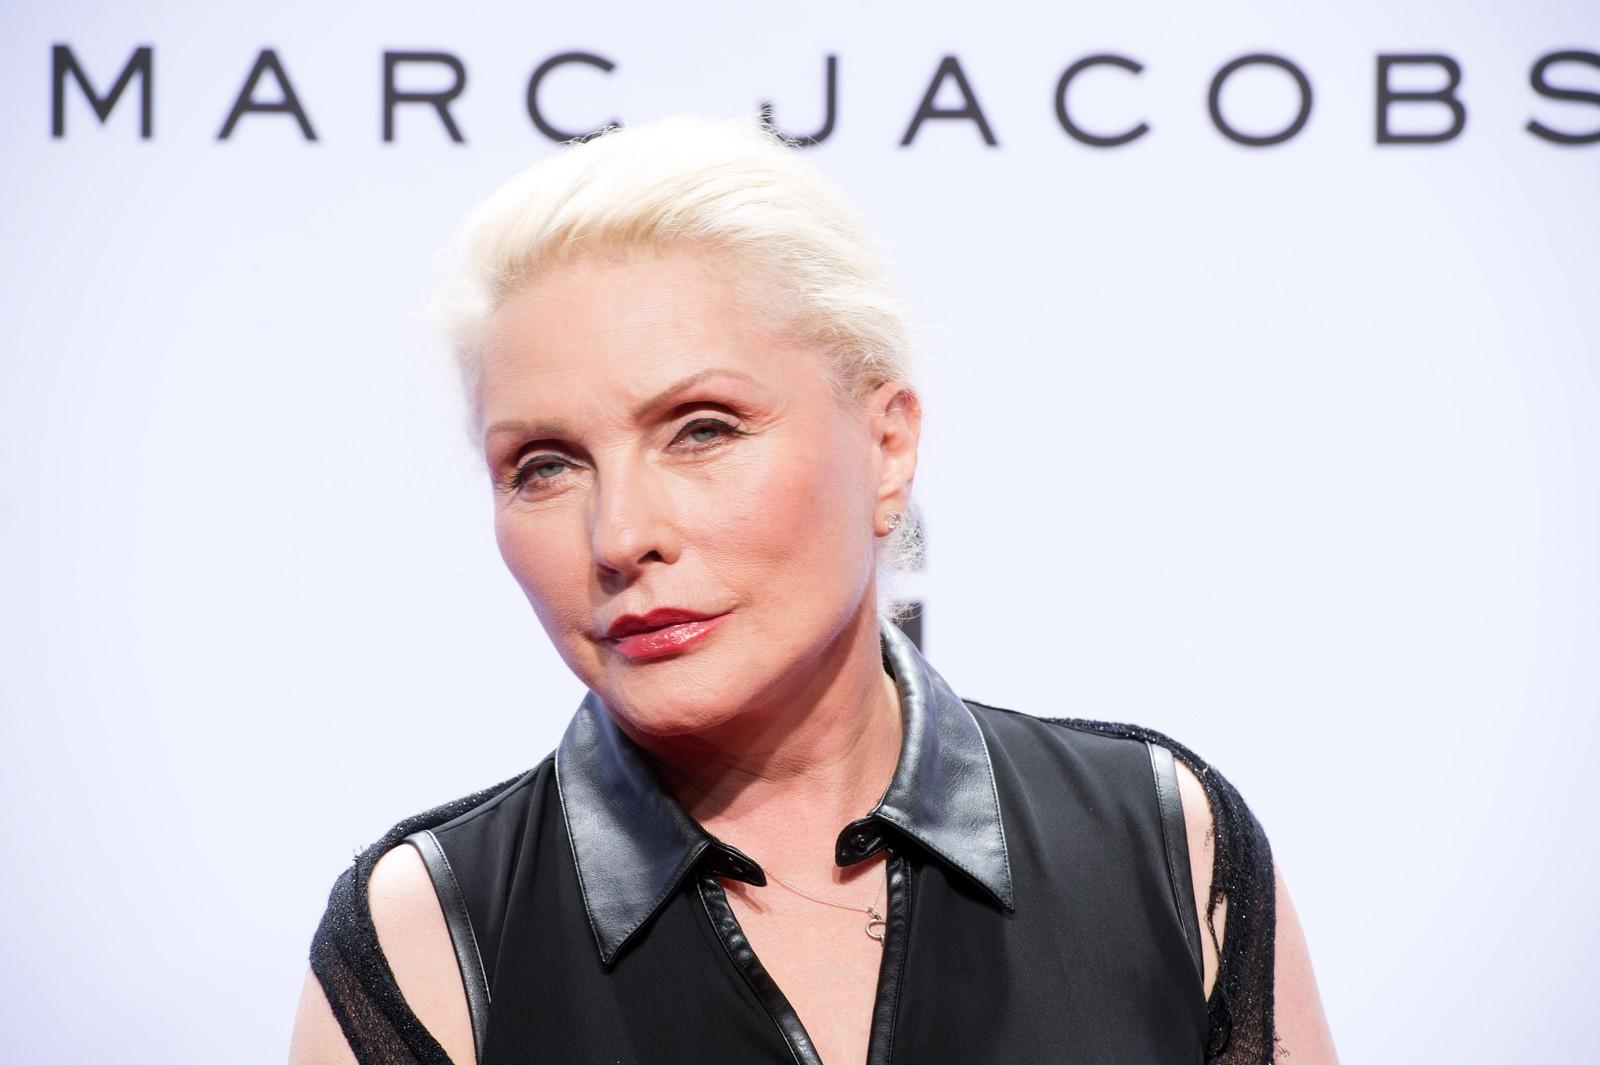 Noko av musikken til showet var henta frå 70-talets New York. I publikum sat blant anna Debbie Harry, vokalist i Blondie.